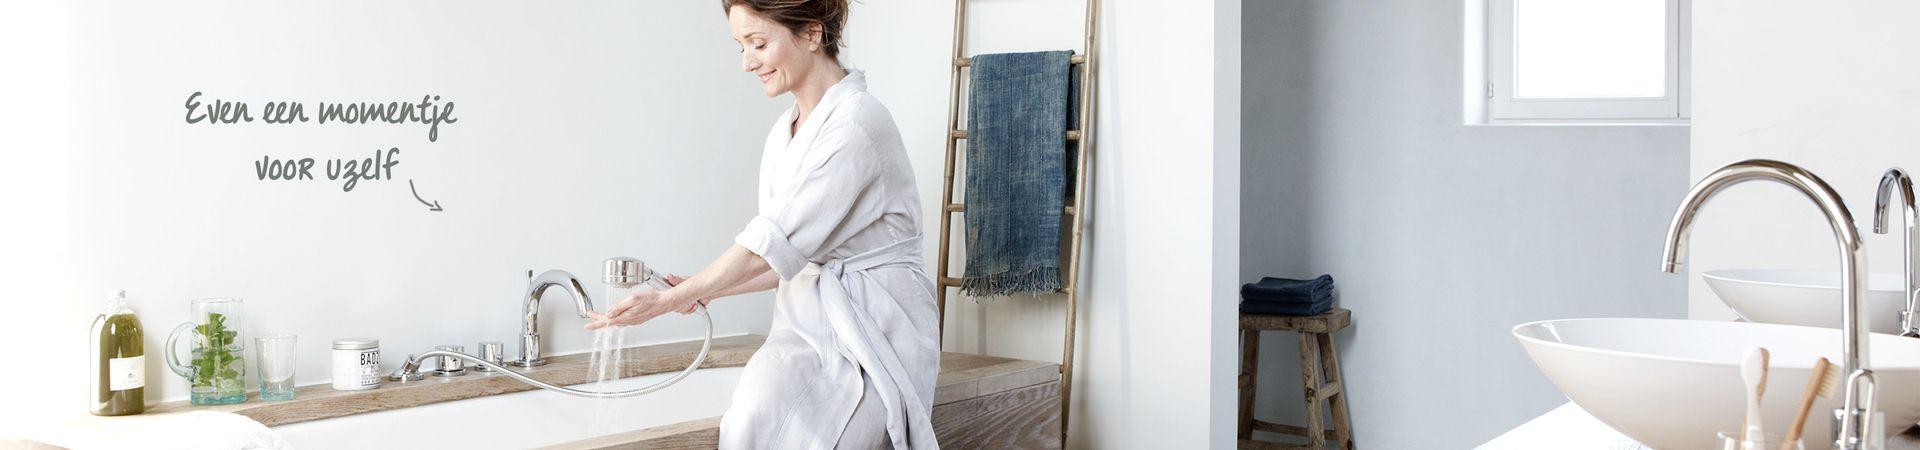 Het ultieme spa-ritueel in 5 stappen - Het ultieme spa-ritueel in 5 stappen